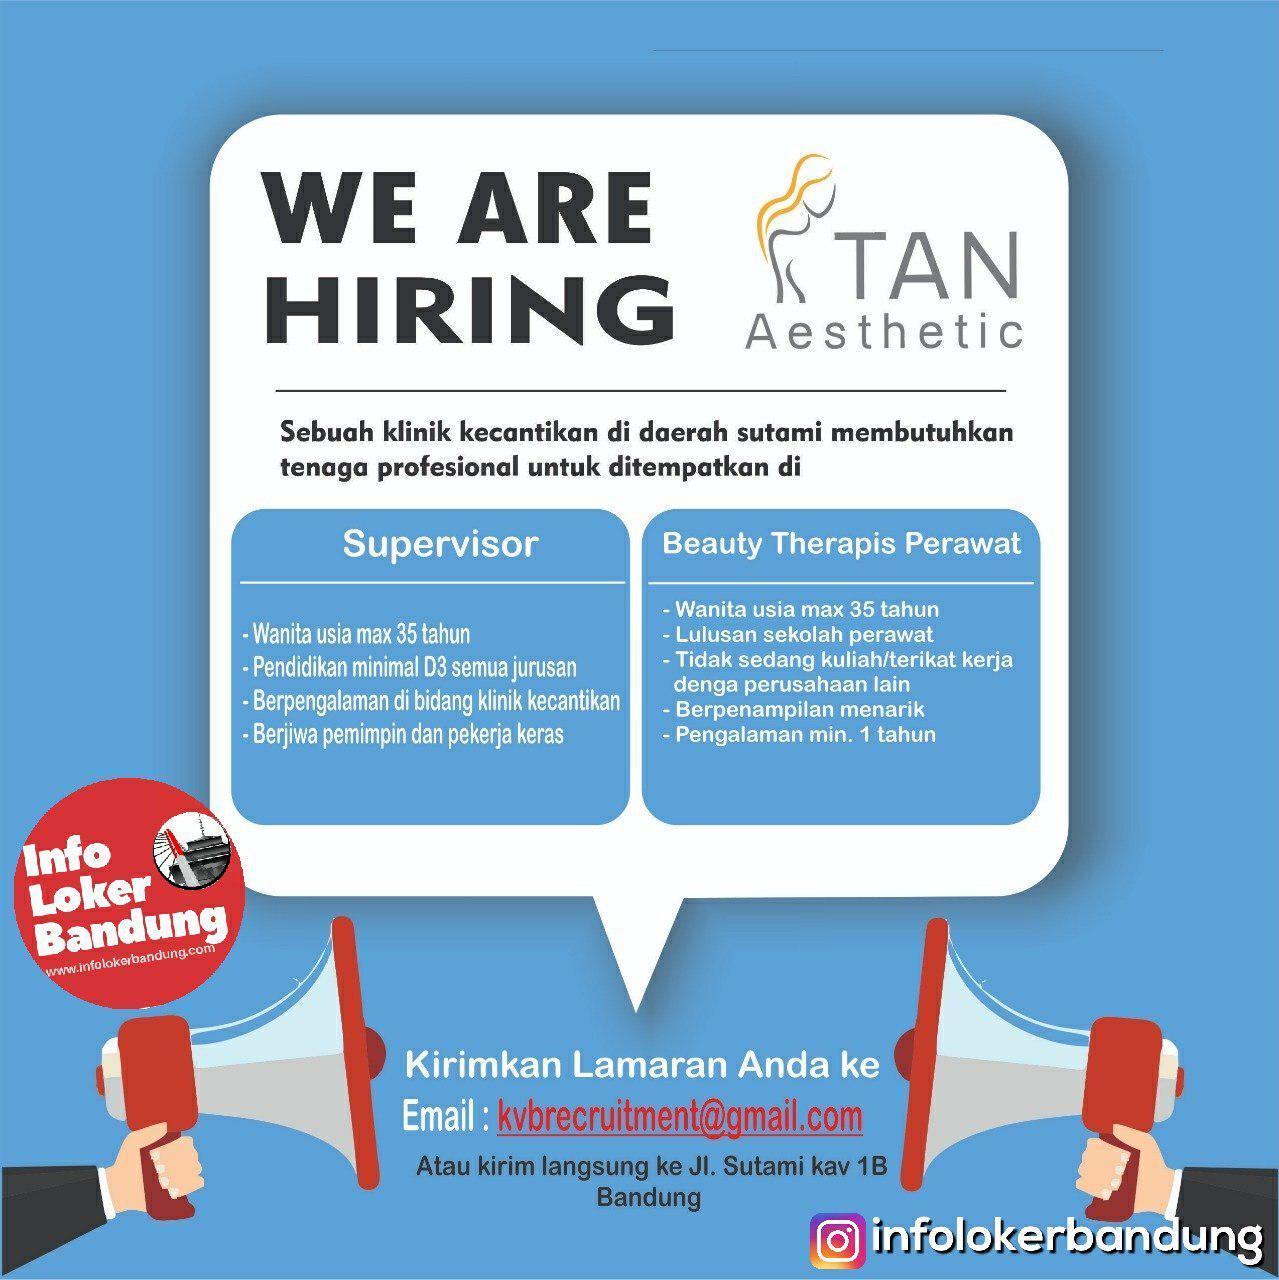 Lowongan Kerja Tan Aesthetic Bandung Januari 2019